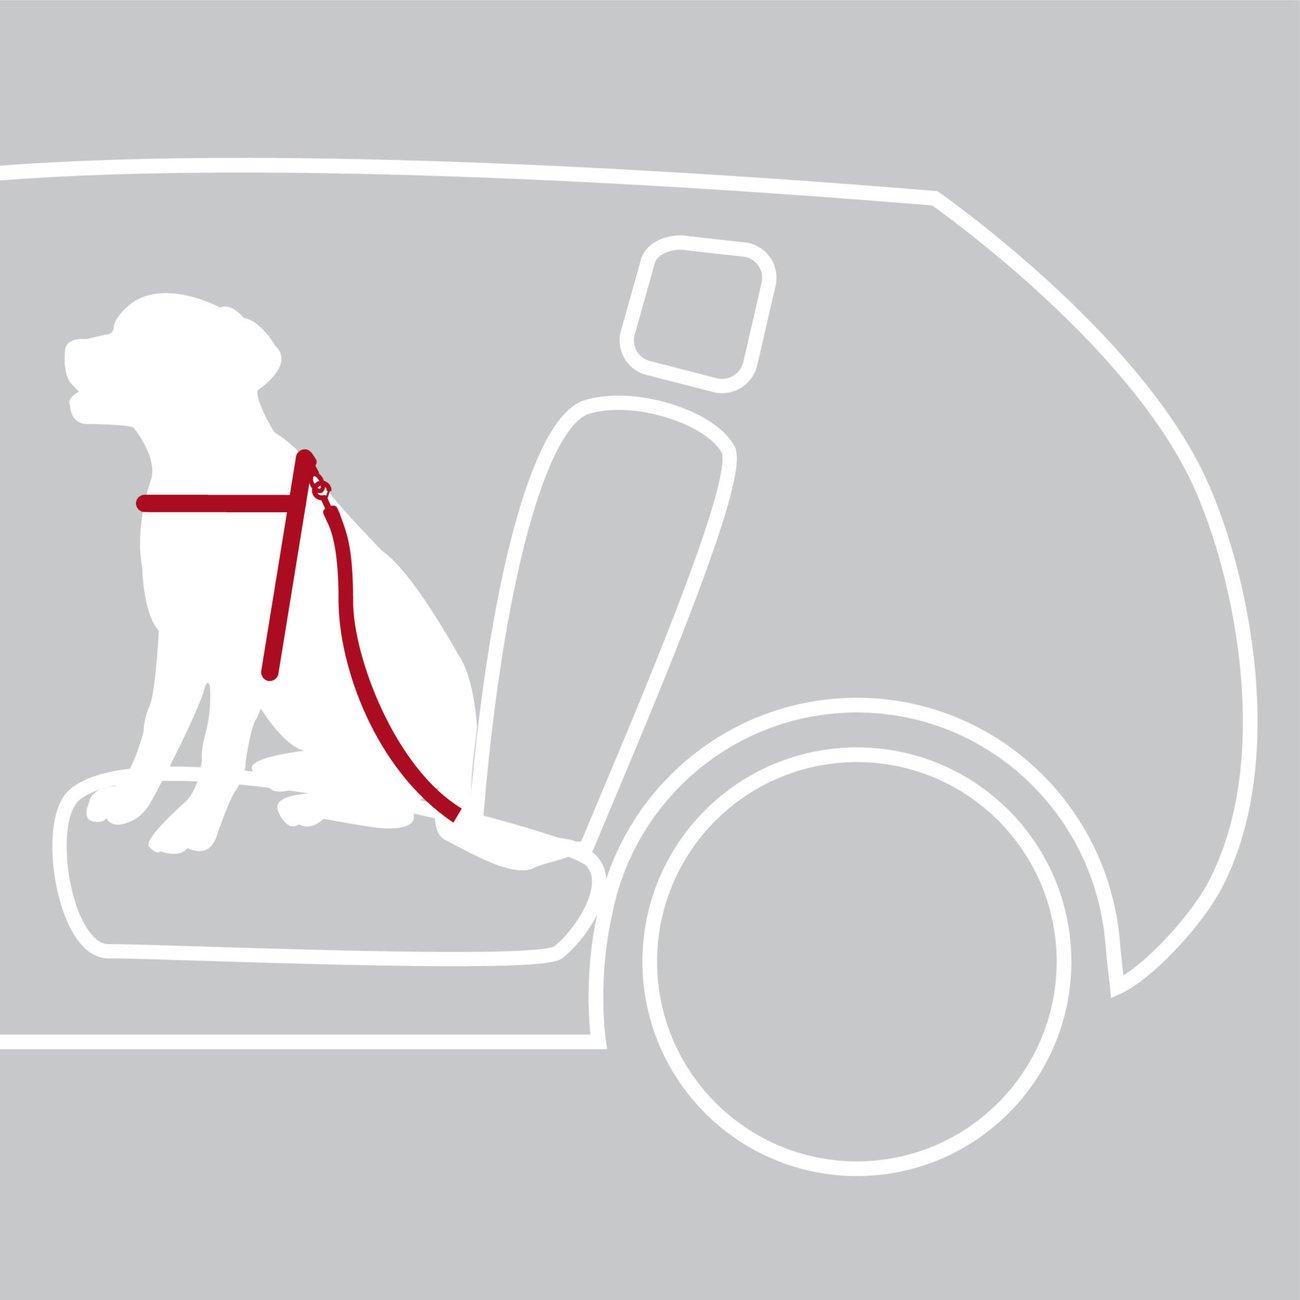 TRIXIE Hunde Sicherheitsgurt Sicherheitsgeschirr für das Auto 1288, Bild 10